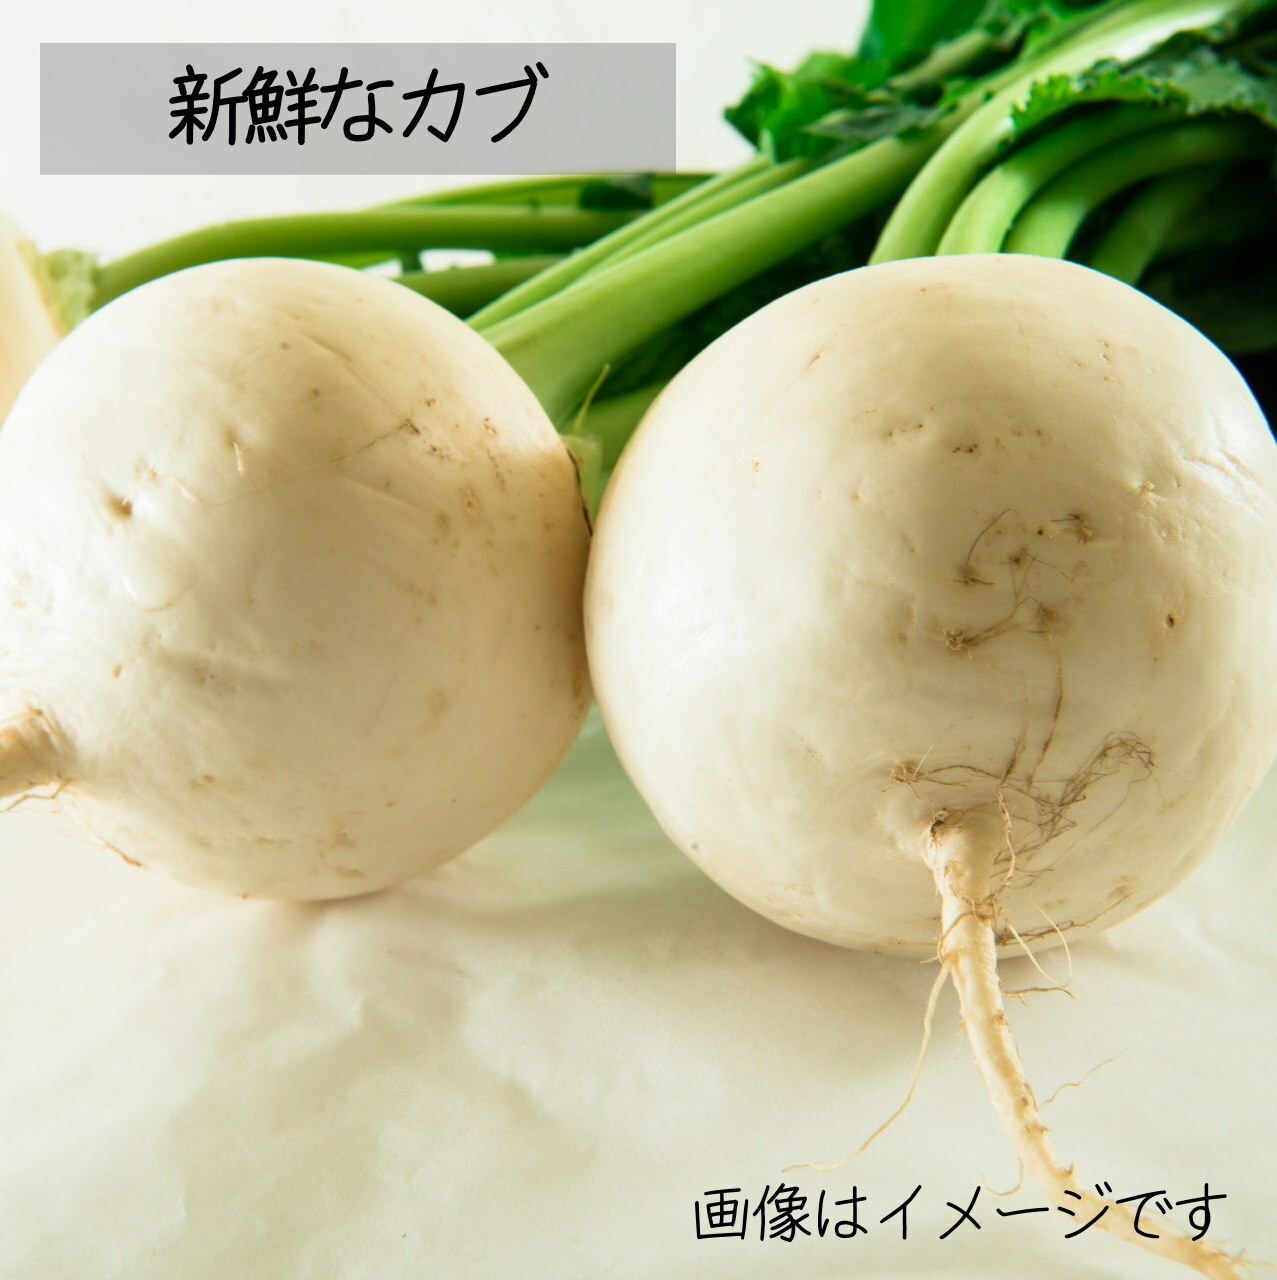 新鮮な冬野菜 : カブ 約3~4個 11月の朝採り直売野菜 11月28日発送予定